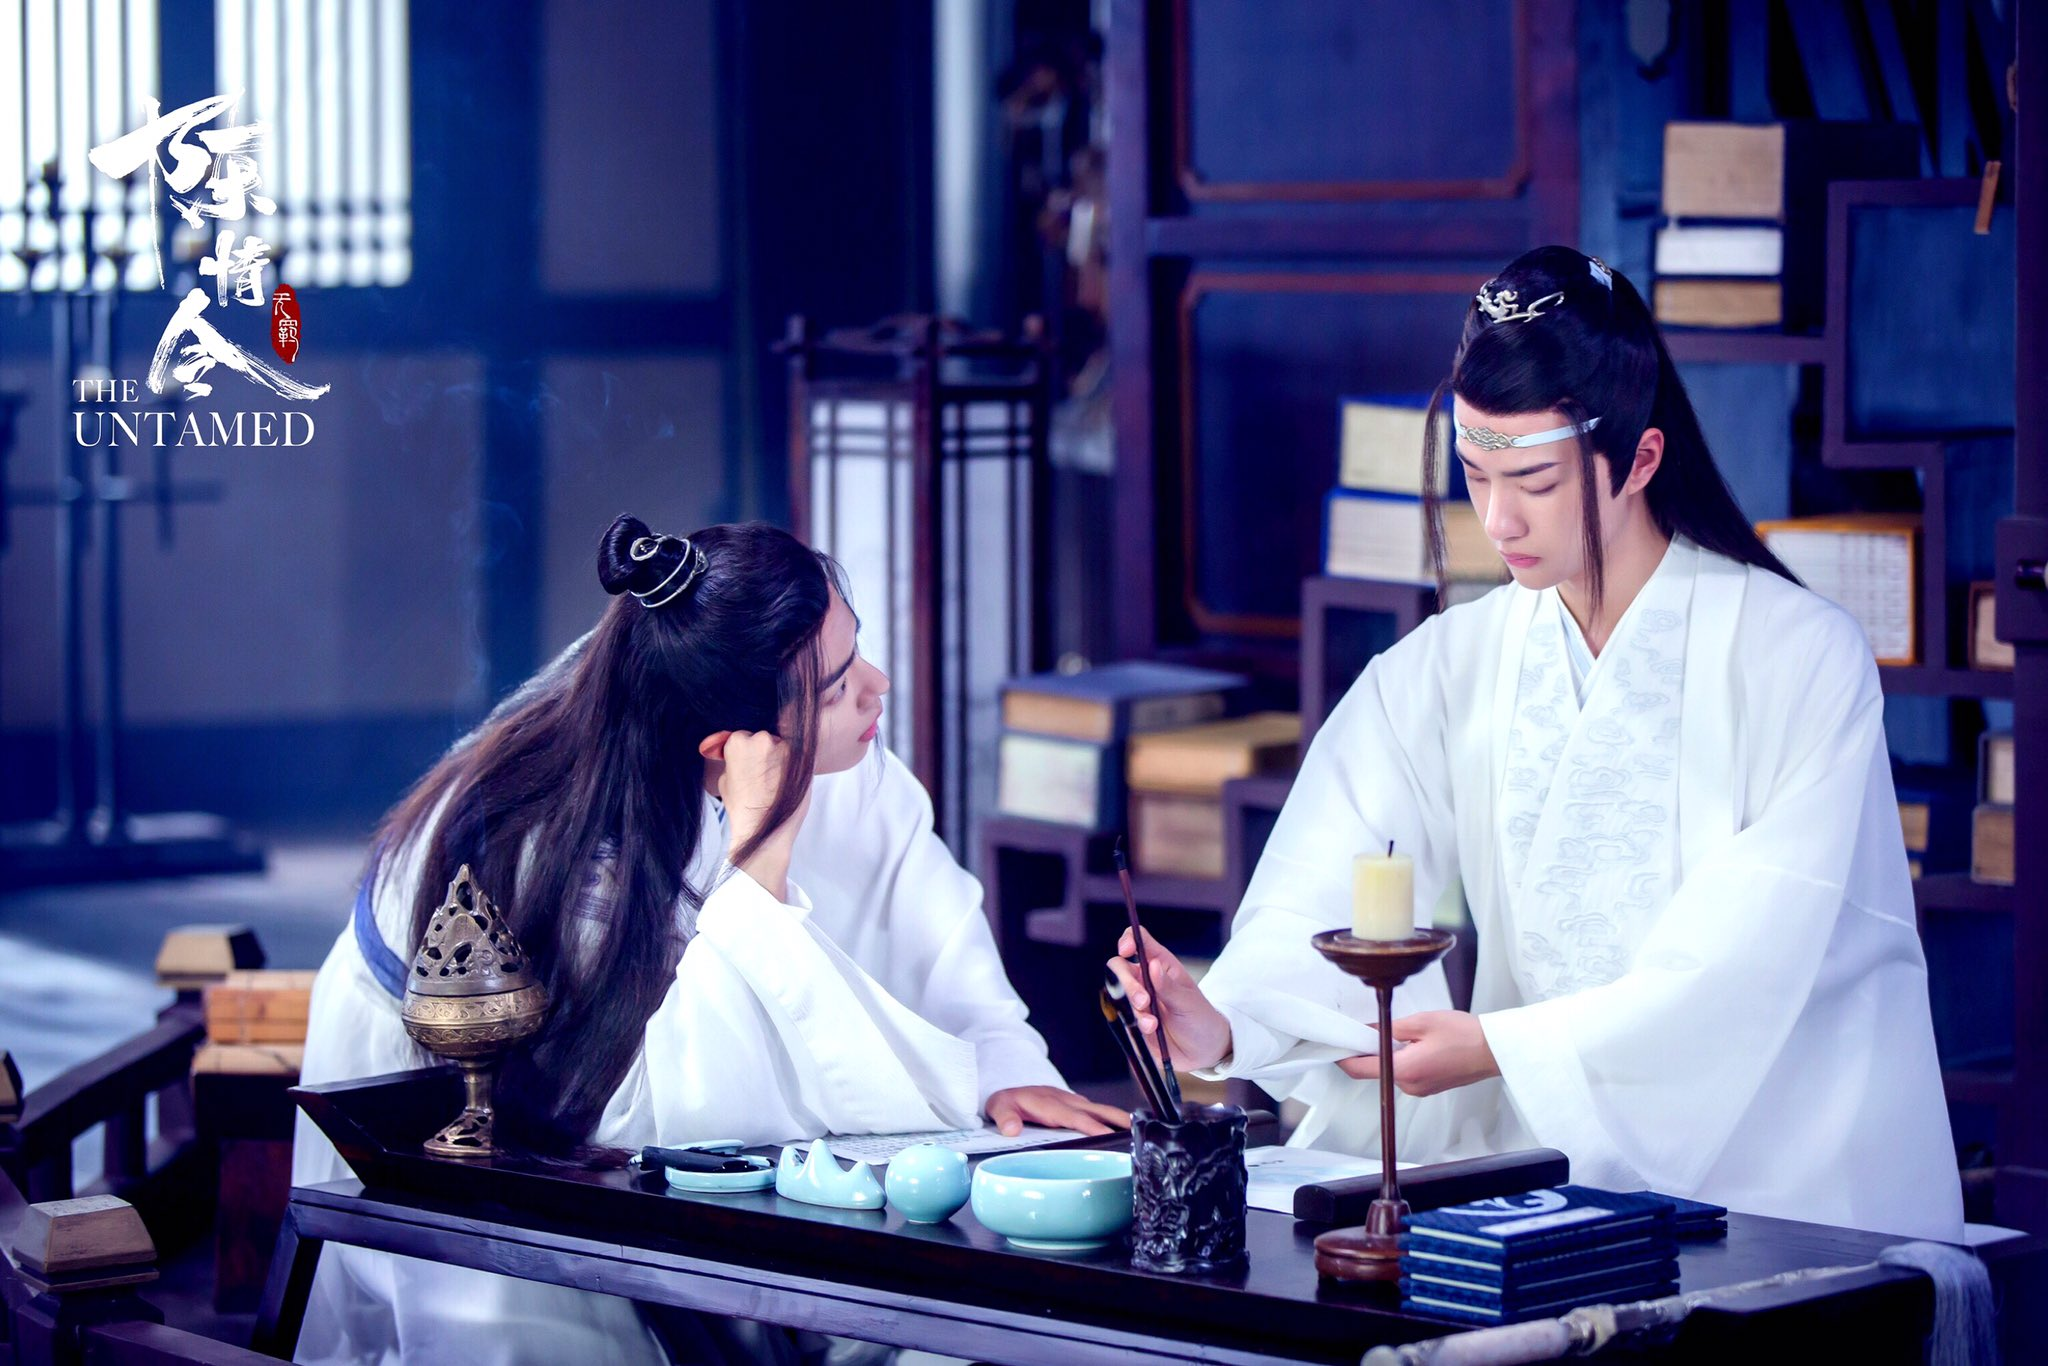 Wei Wuxian Wei Ying Lan Wangji Lan Zhan Xiao Zhan Wang Yibo 2048x1366